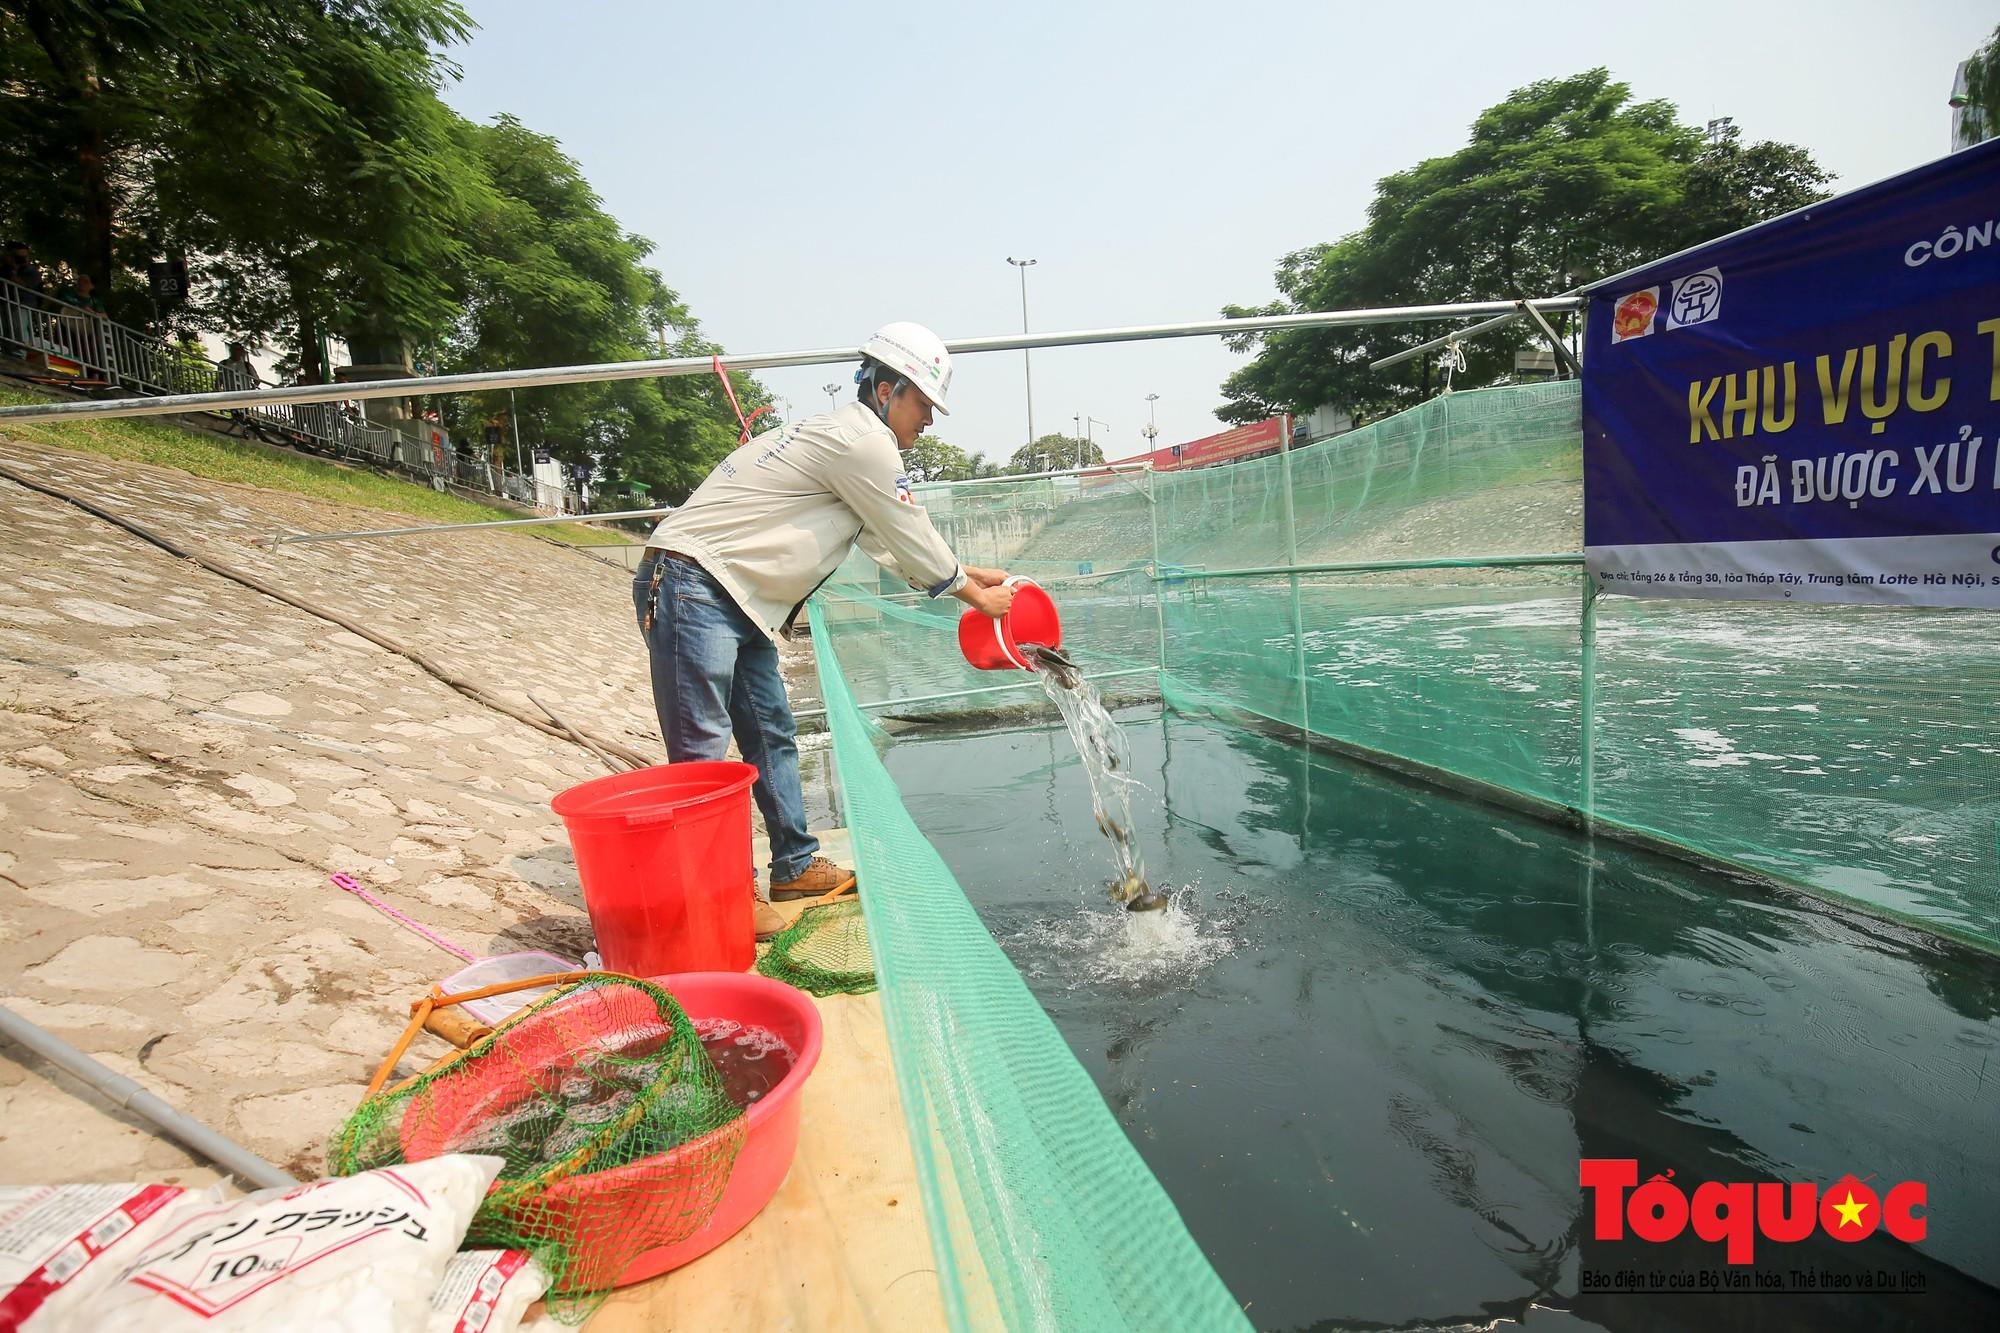 Hà Nội Thả thử nghiệm gần 100 con cá Koi Nhật Bản xuống sông tô lịch và Hồ Tây (9)